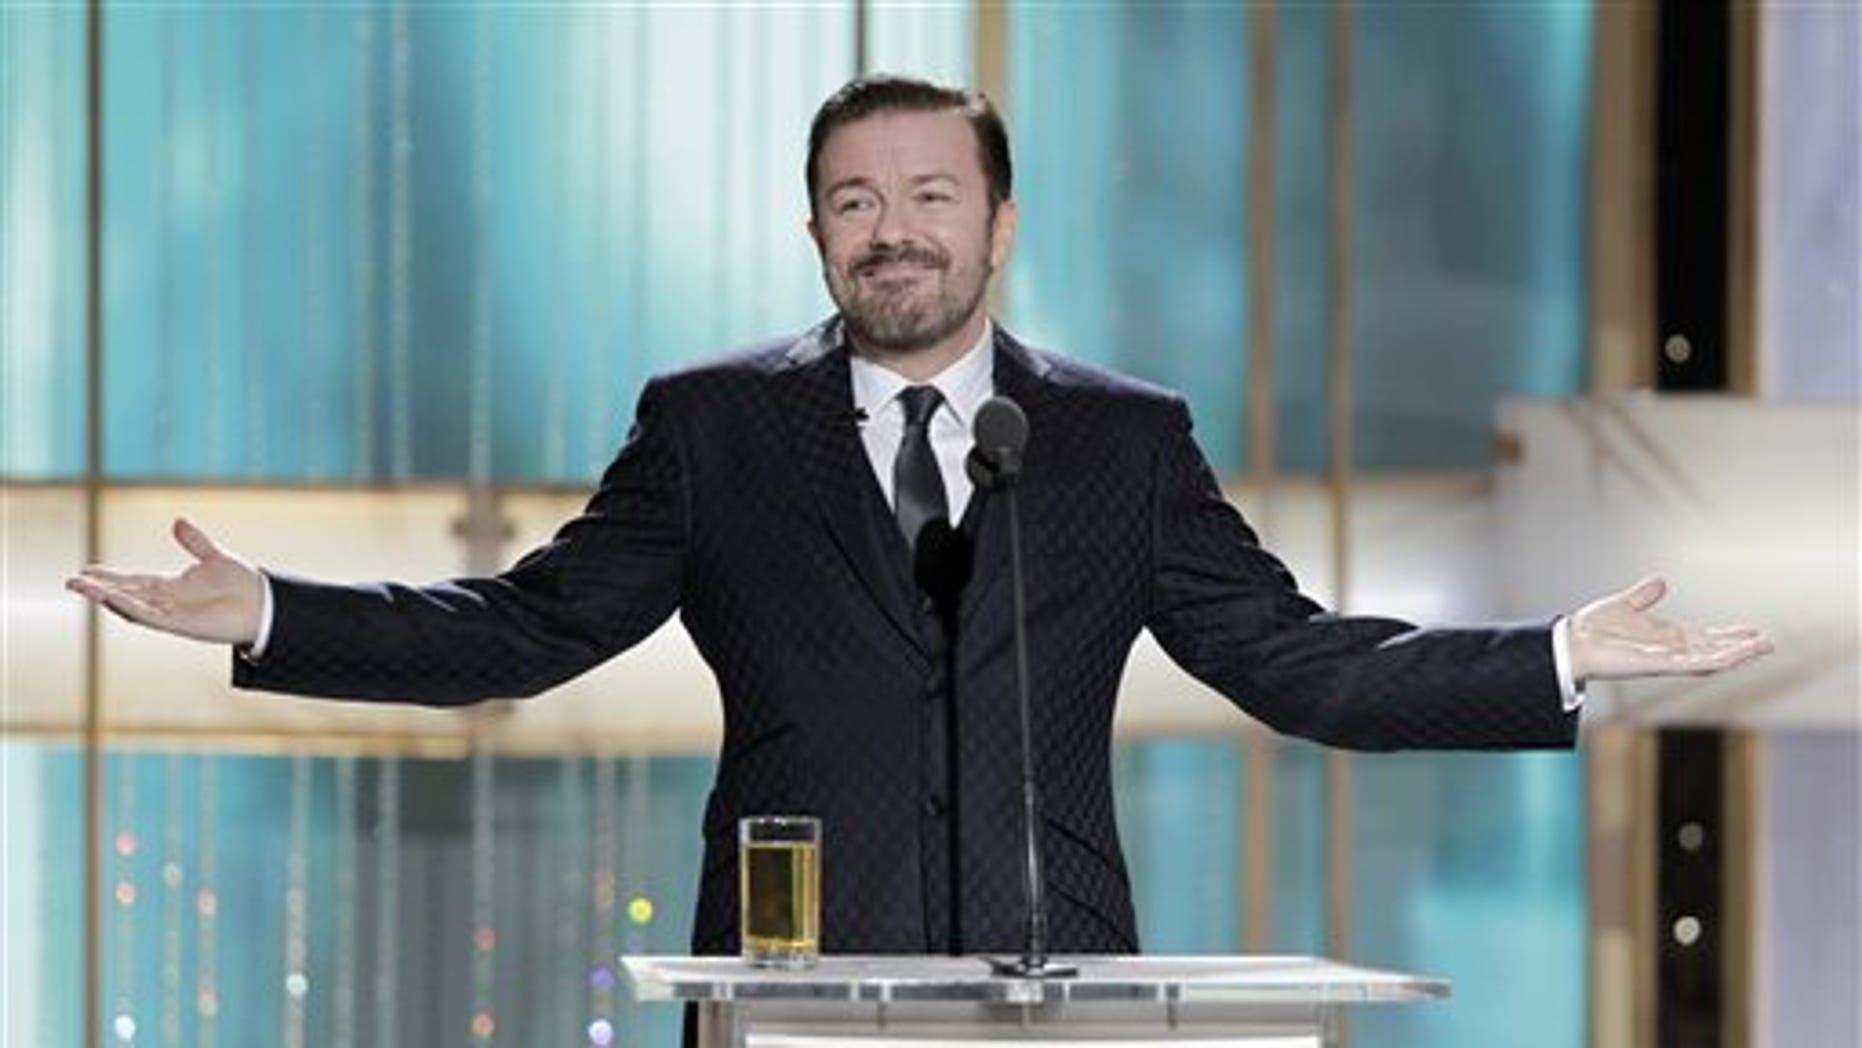 Ricky Gervais. (AP)